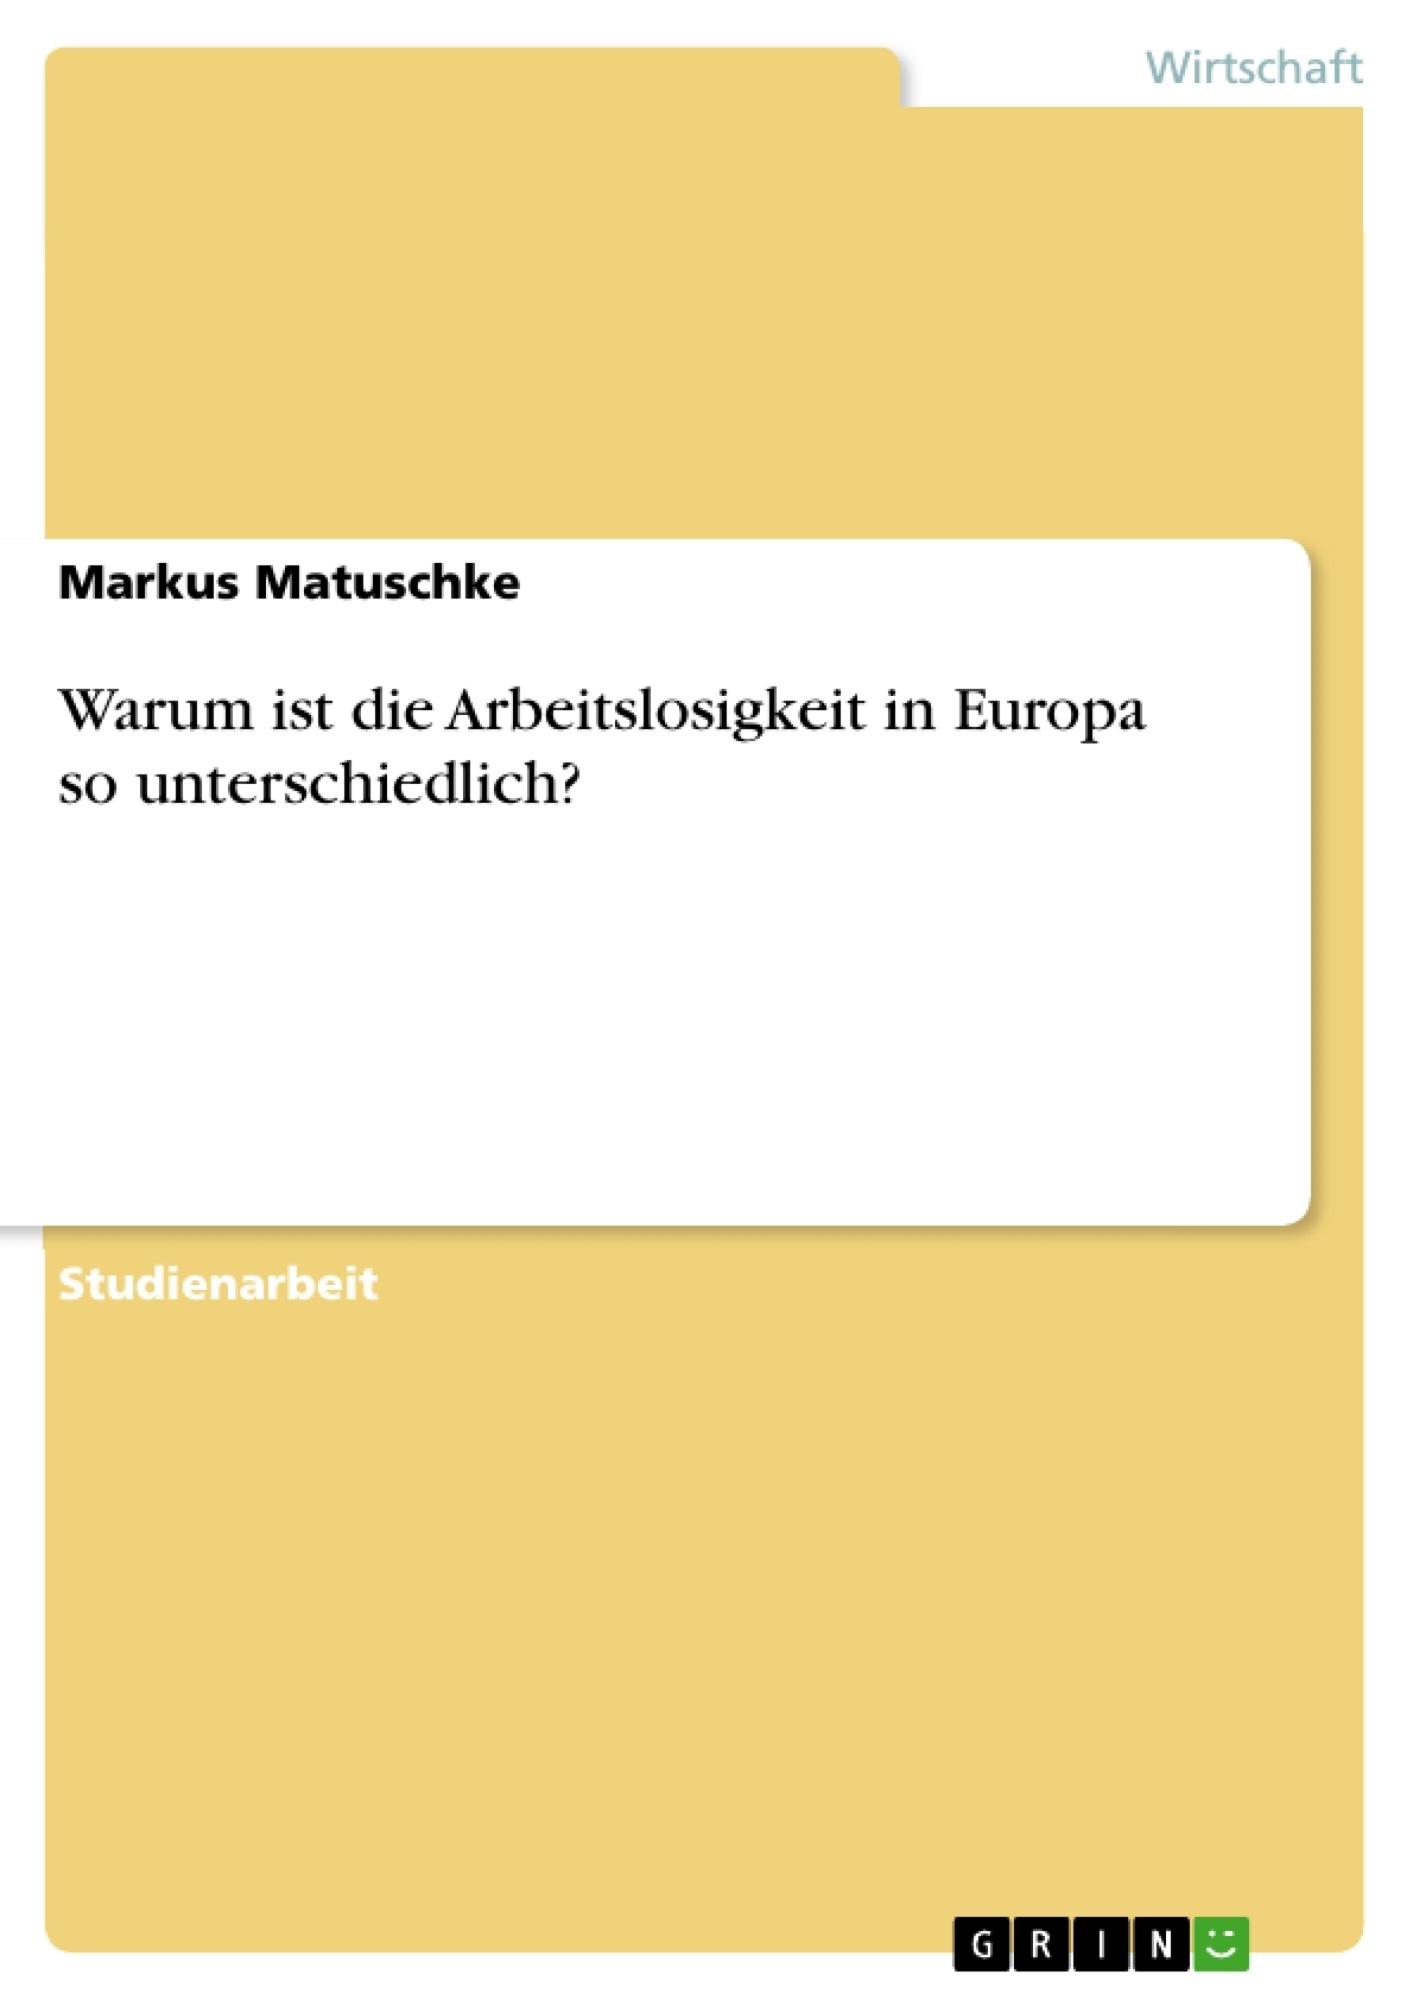 Titel: Warum ist die Arbeitslosigkeit in Europa so unterschiedlich?